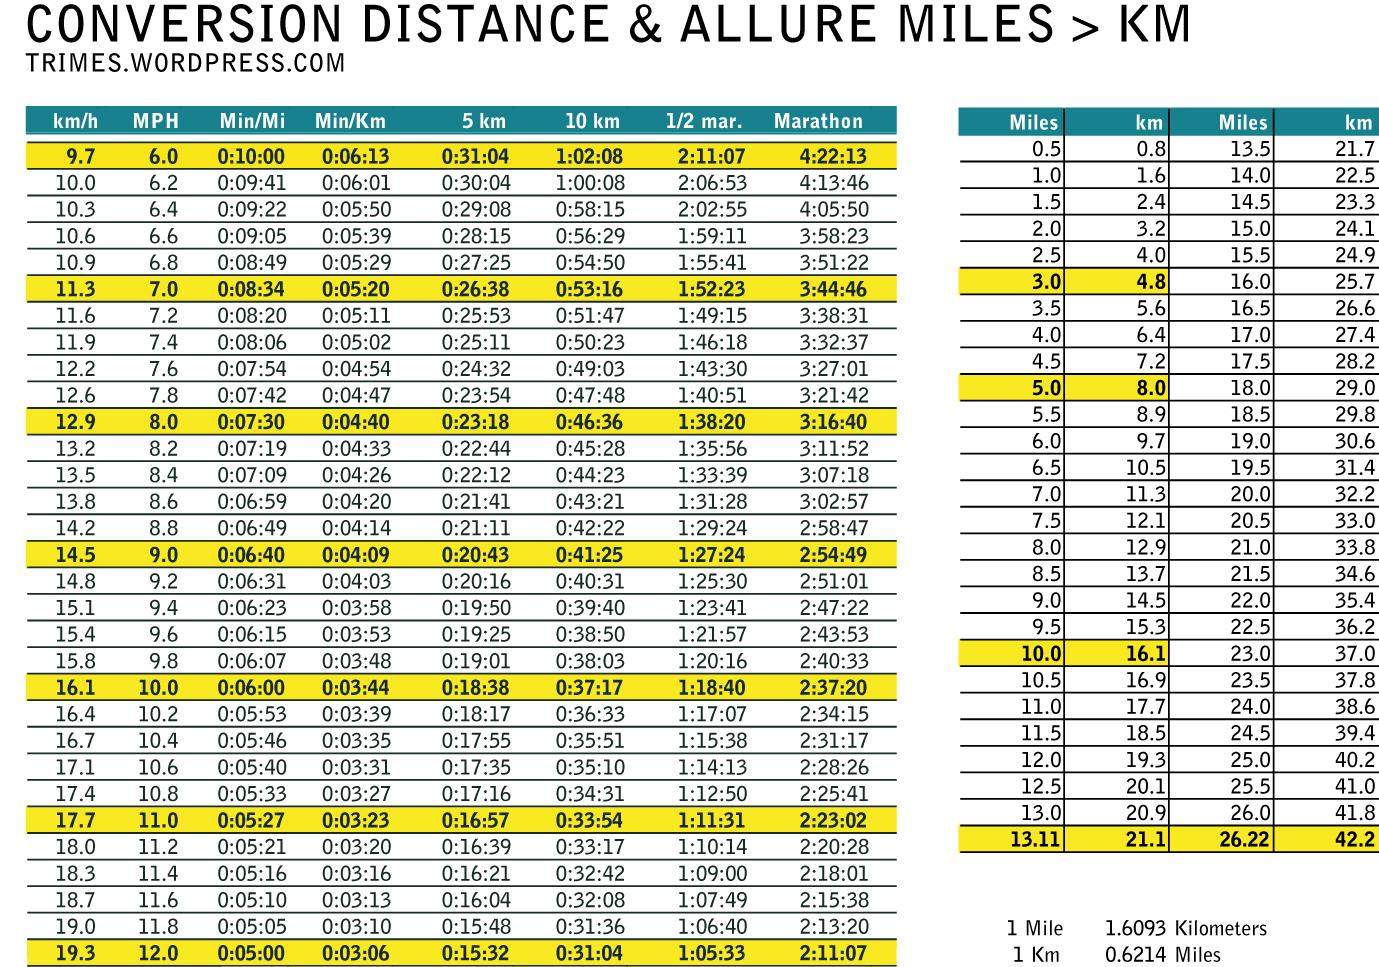 Cadeau conversion table tableau de conversion miles km - Miles to km conversion table ...